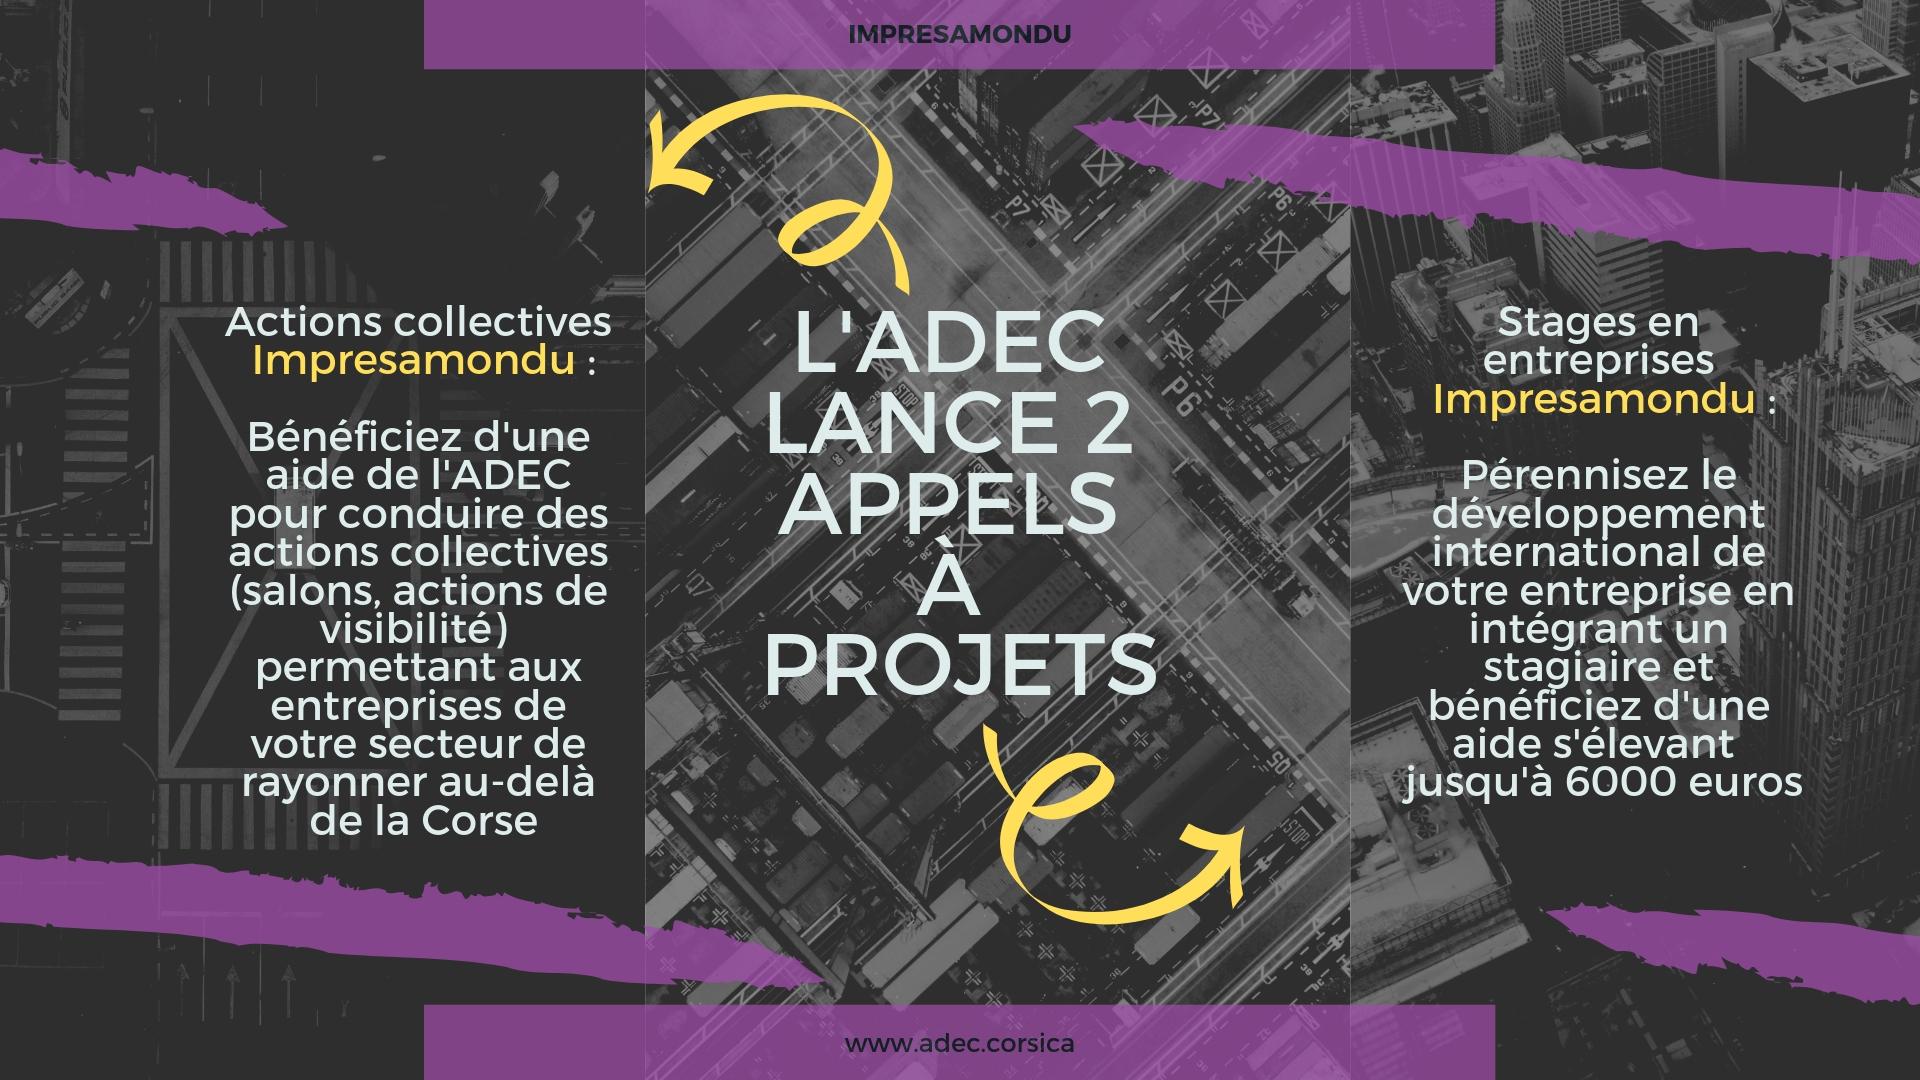 Impresamondu : 2 appels à projets pour se développer à l'international !